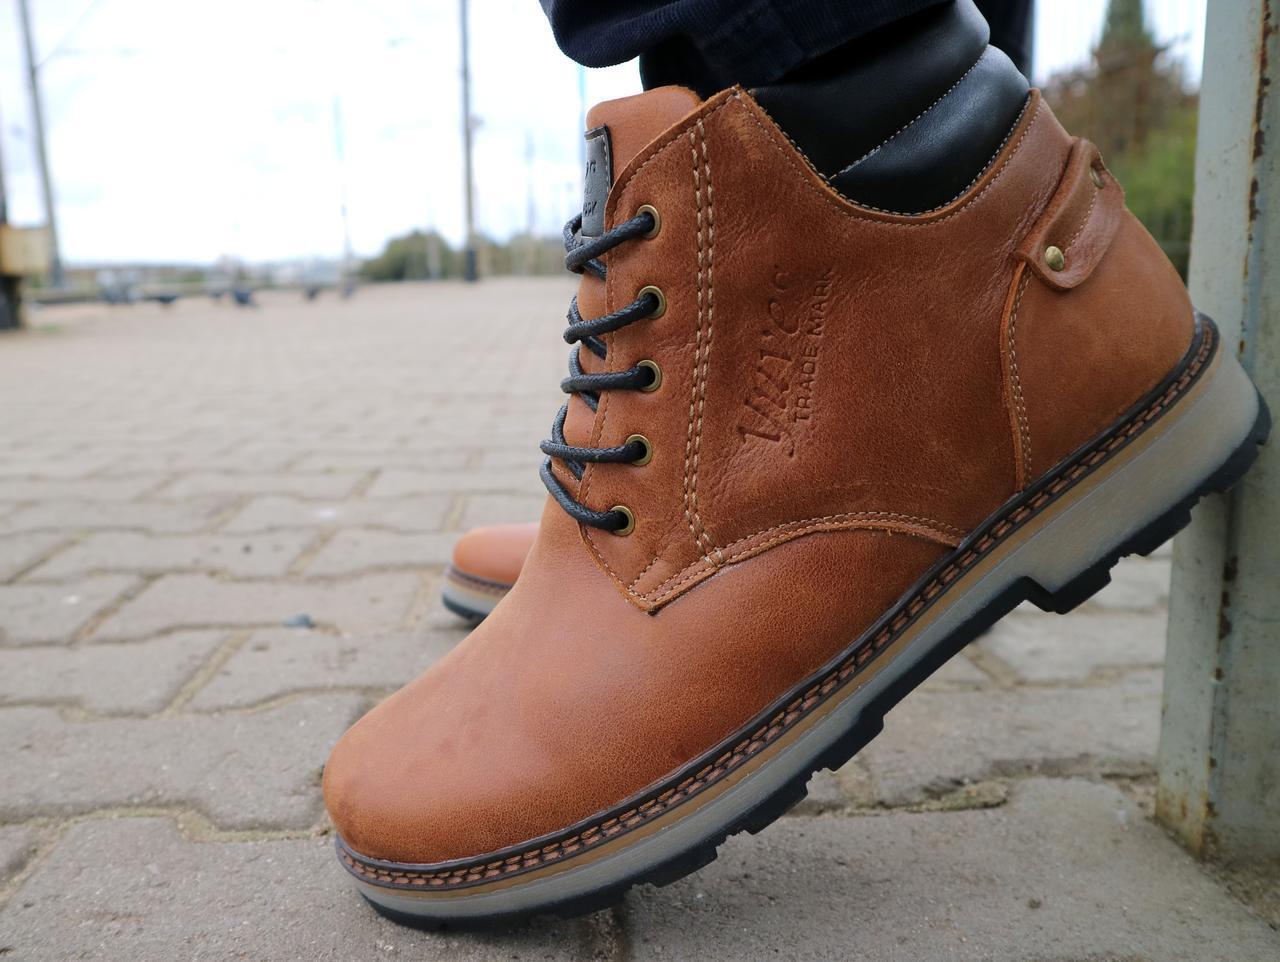 Мужские ботинки кожаные зимние рыжие Yuves 775